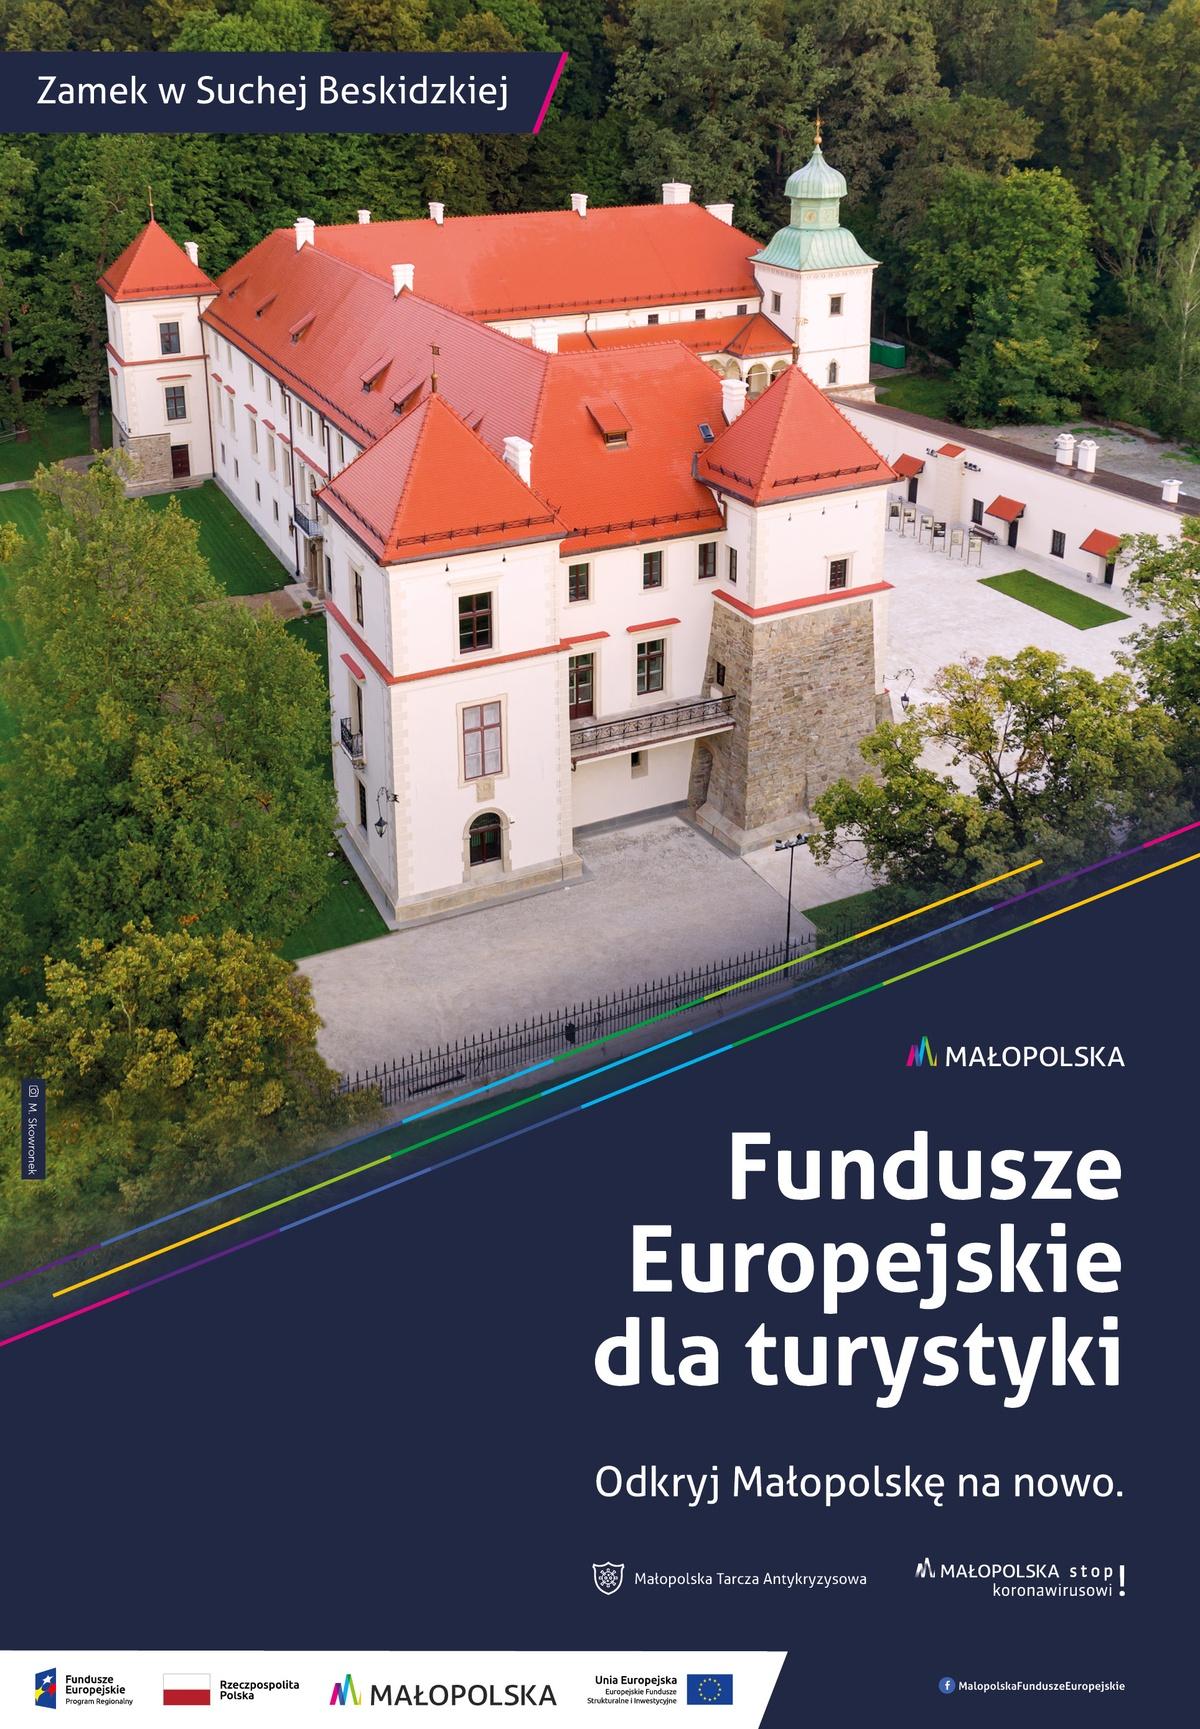 Plakat promujący zamek wSuchej Beskidzkiej